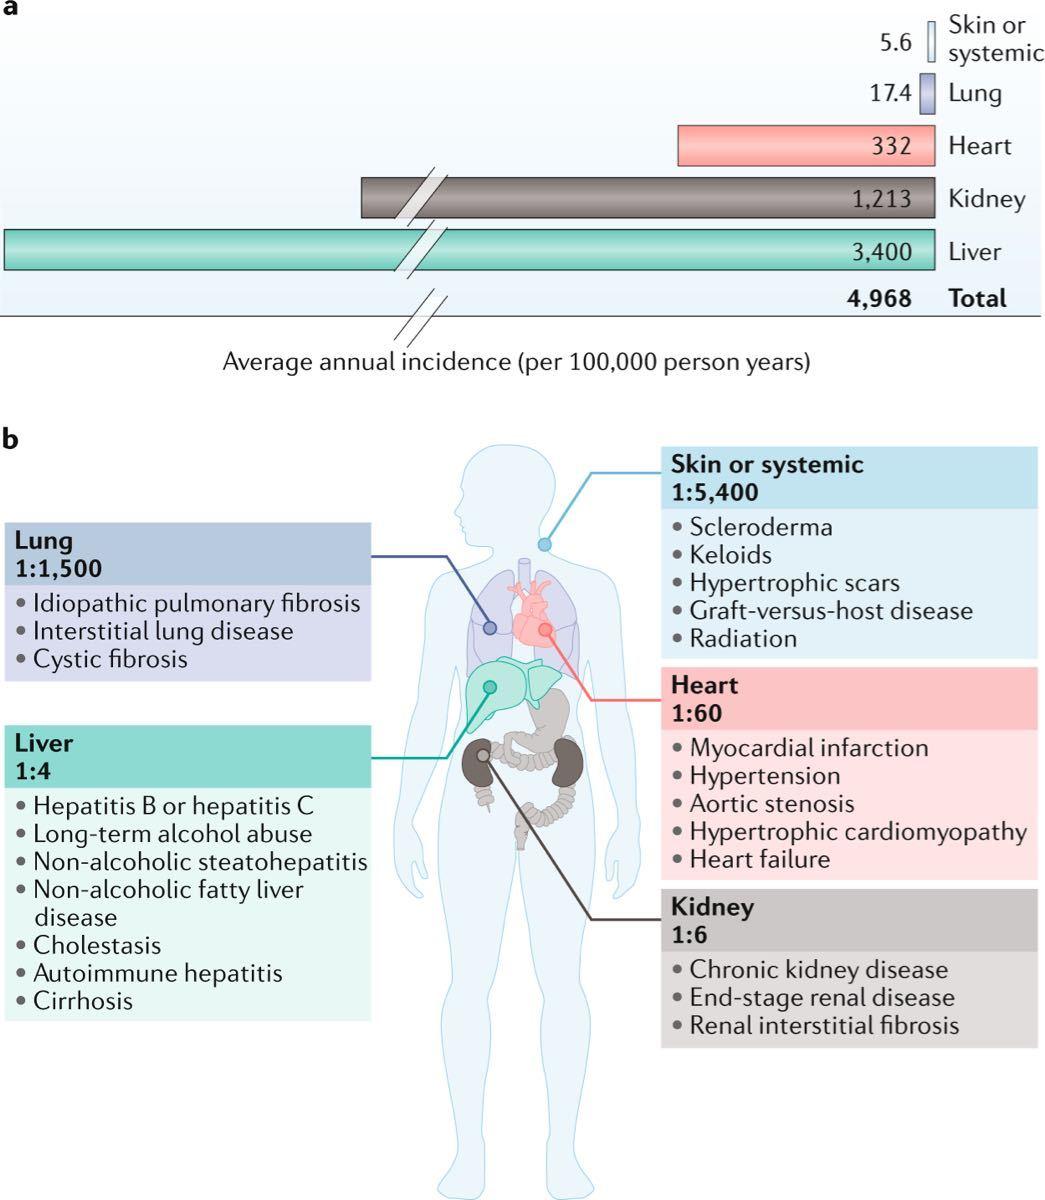 2160 ‐(株)ジーエヌアイグループ F351が対象とする病気について  8月の日本のIRでは治療薬として、 「肝線維症への治療薬の可能性